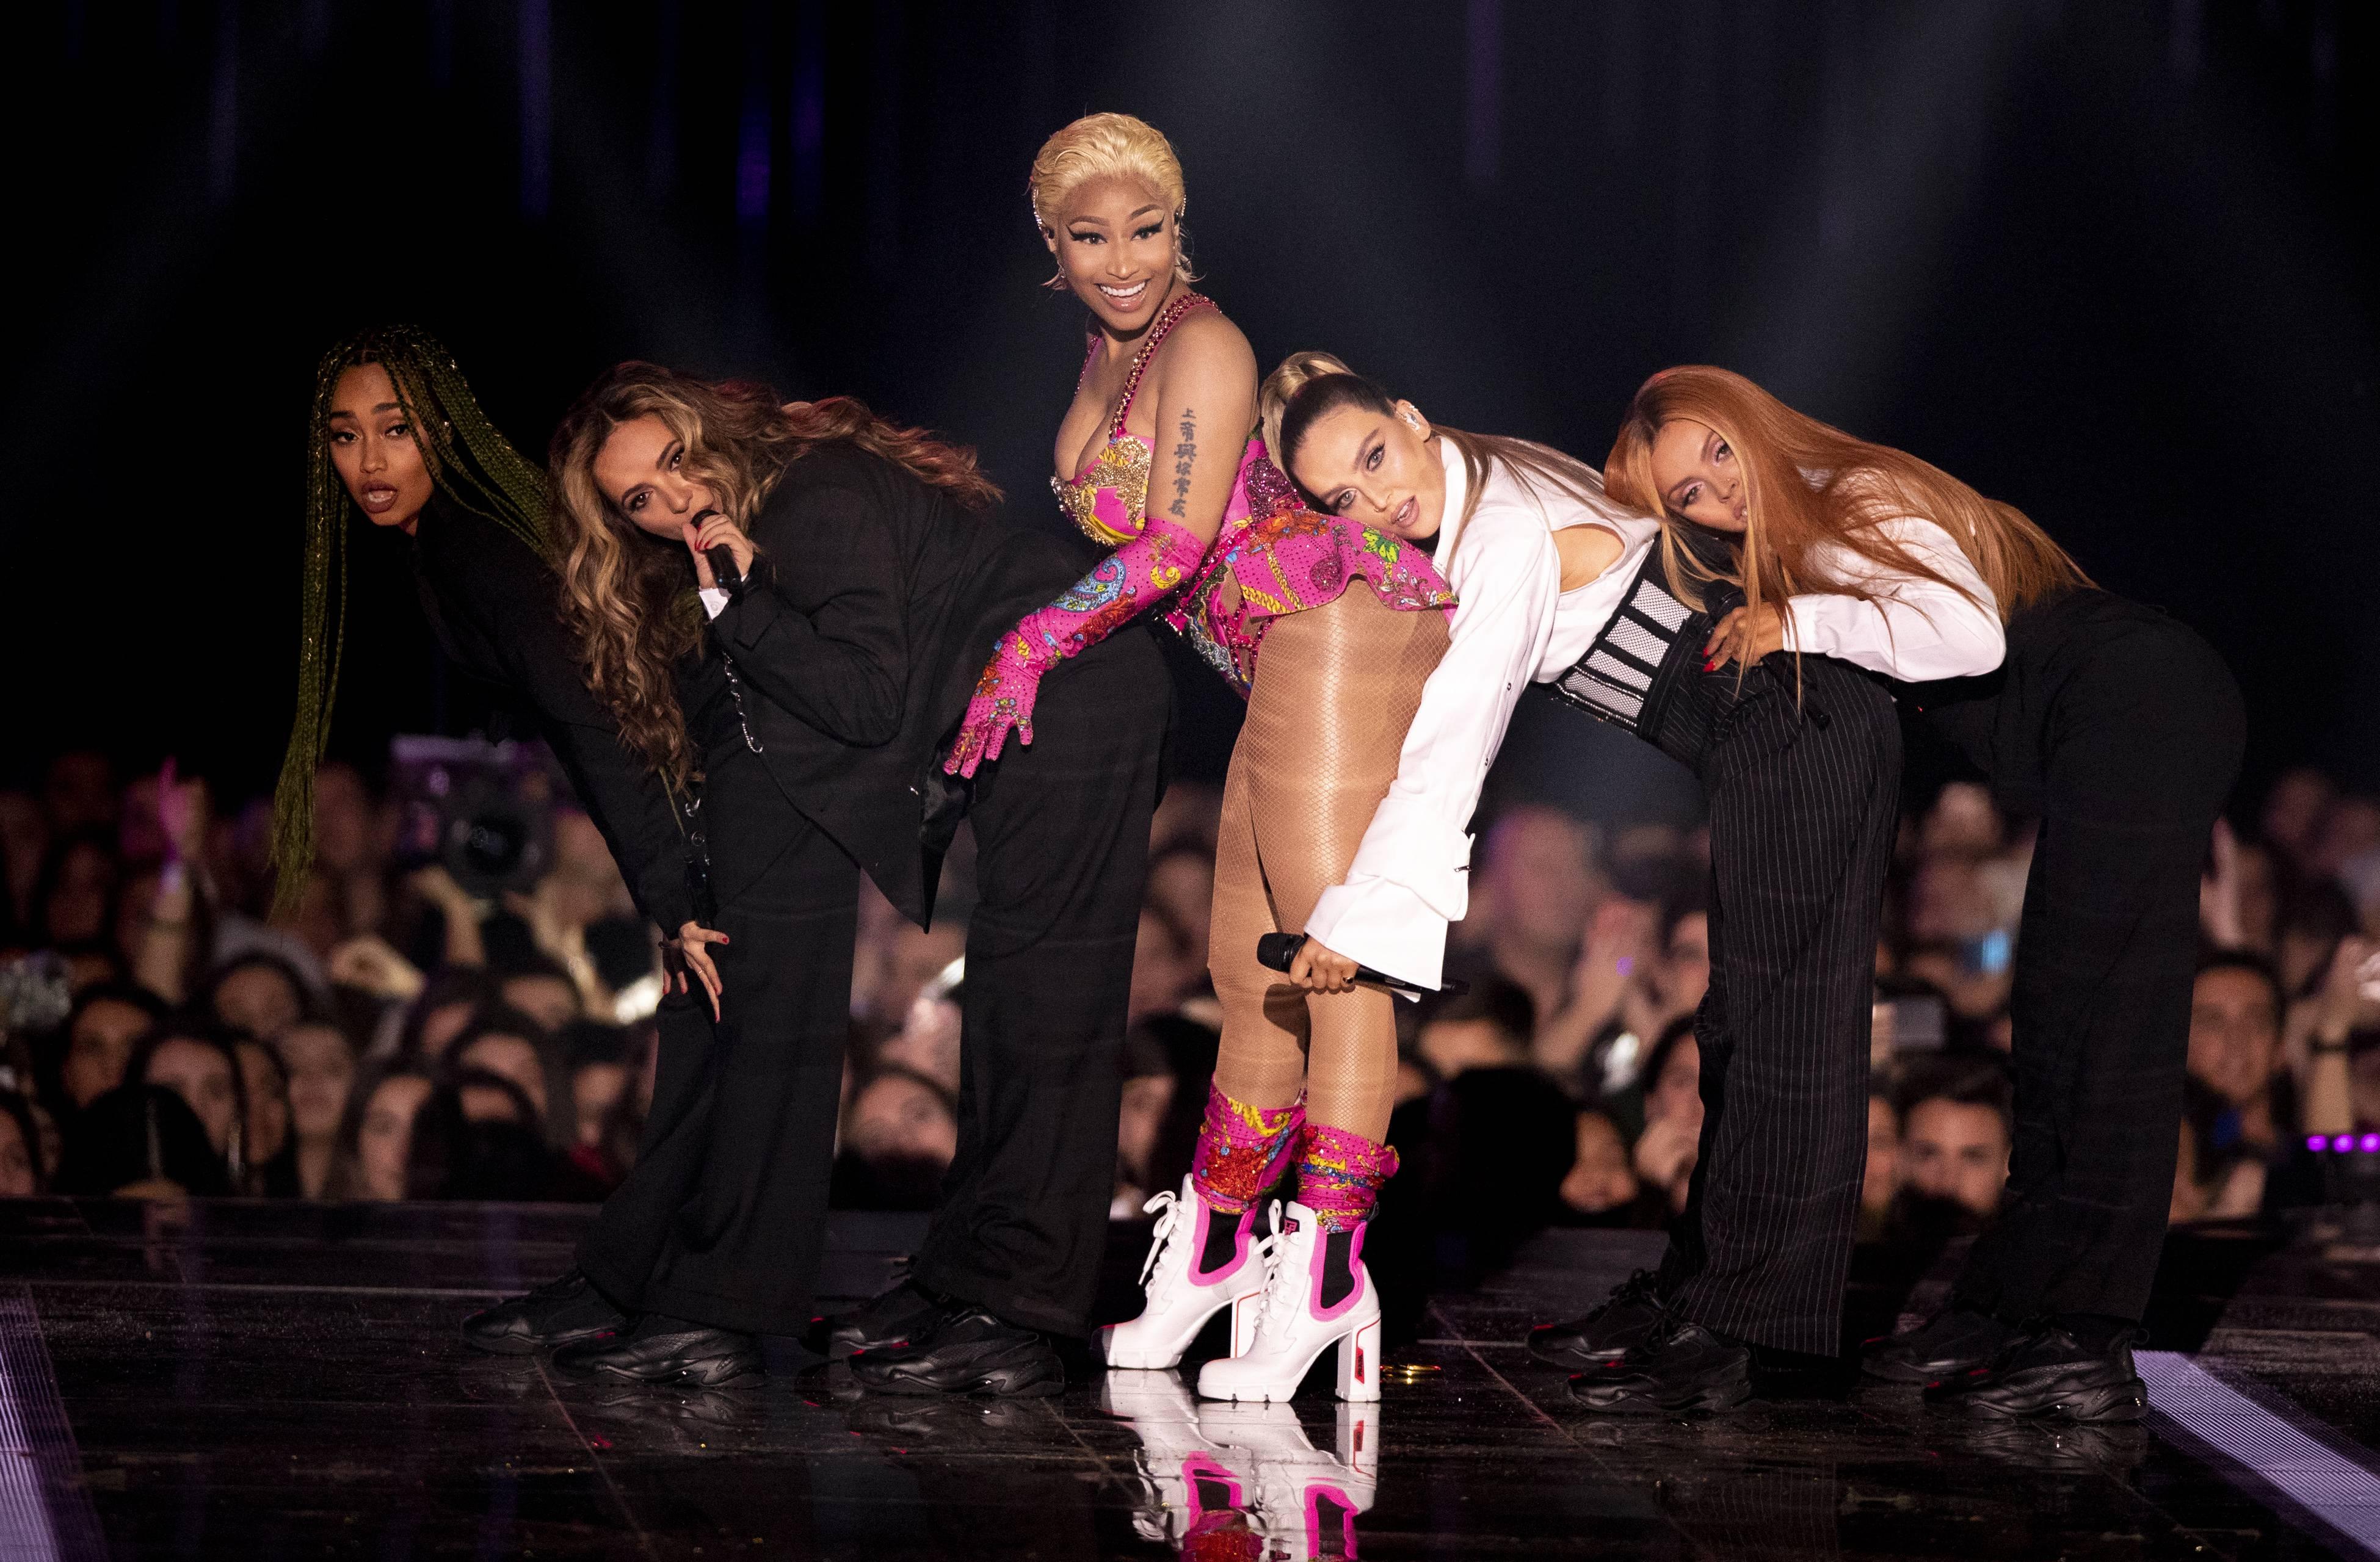 Nicki Minaj a kritikák hatására lemondta szaúdi fellépését